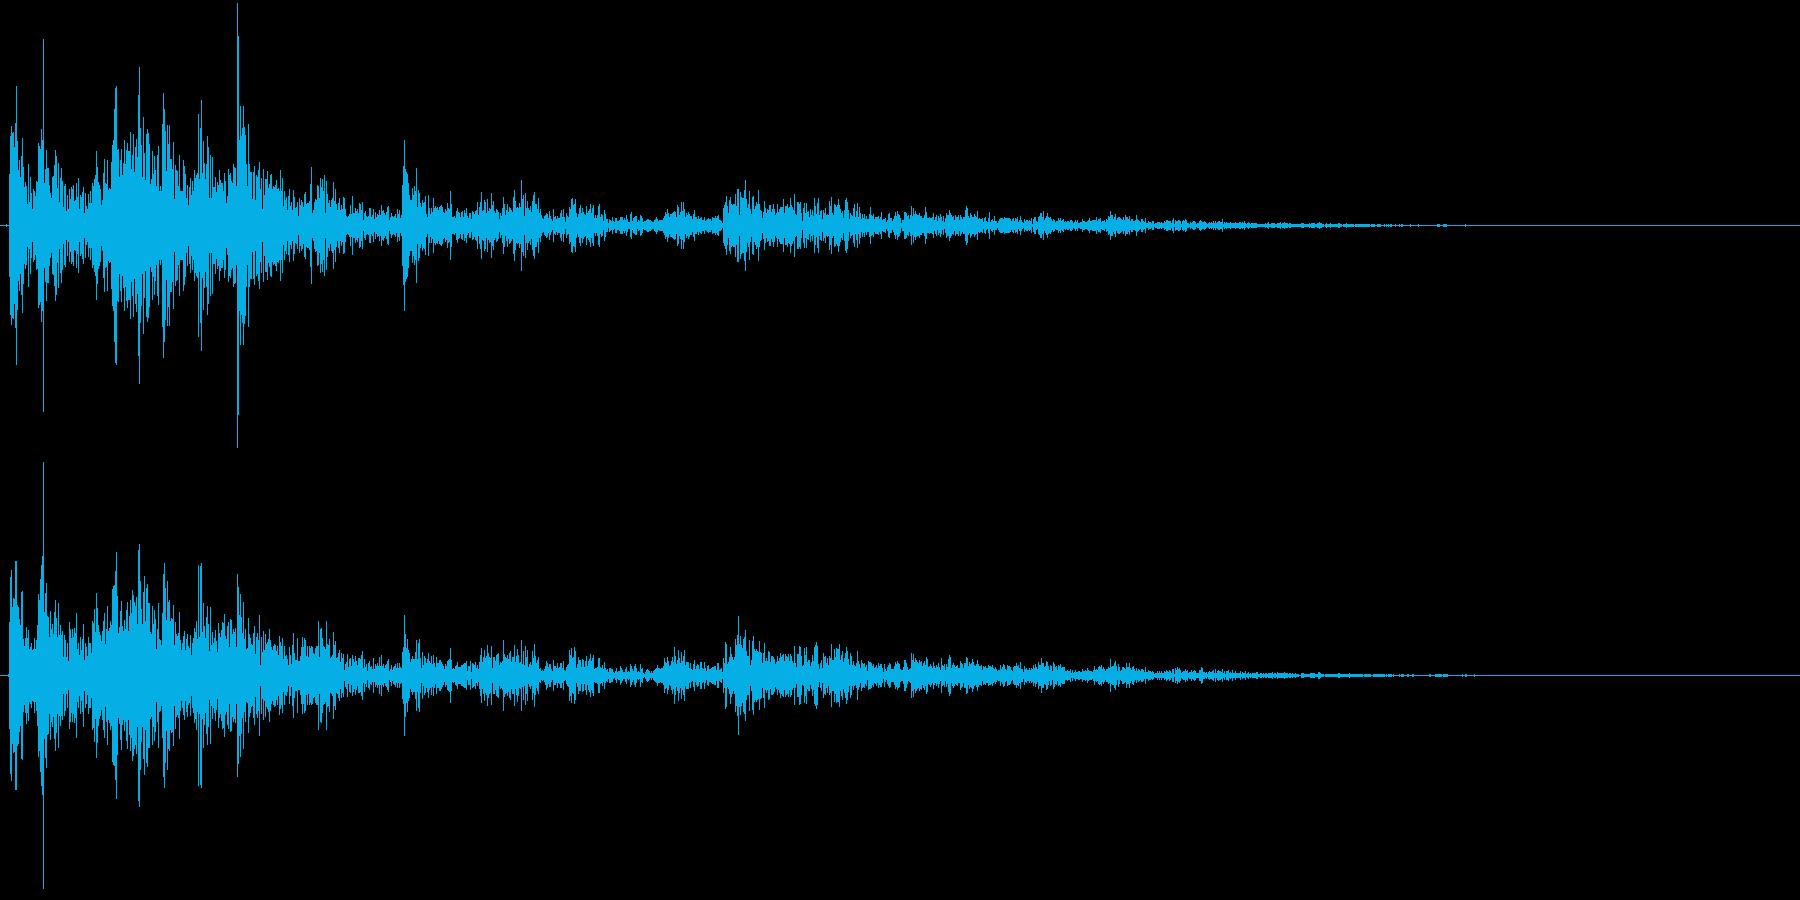 【生録音】ゴミの音 14 放り捨てるの再生済みの波形